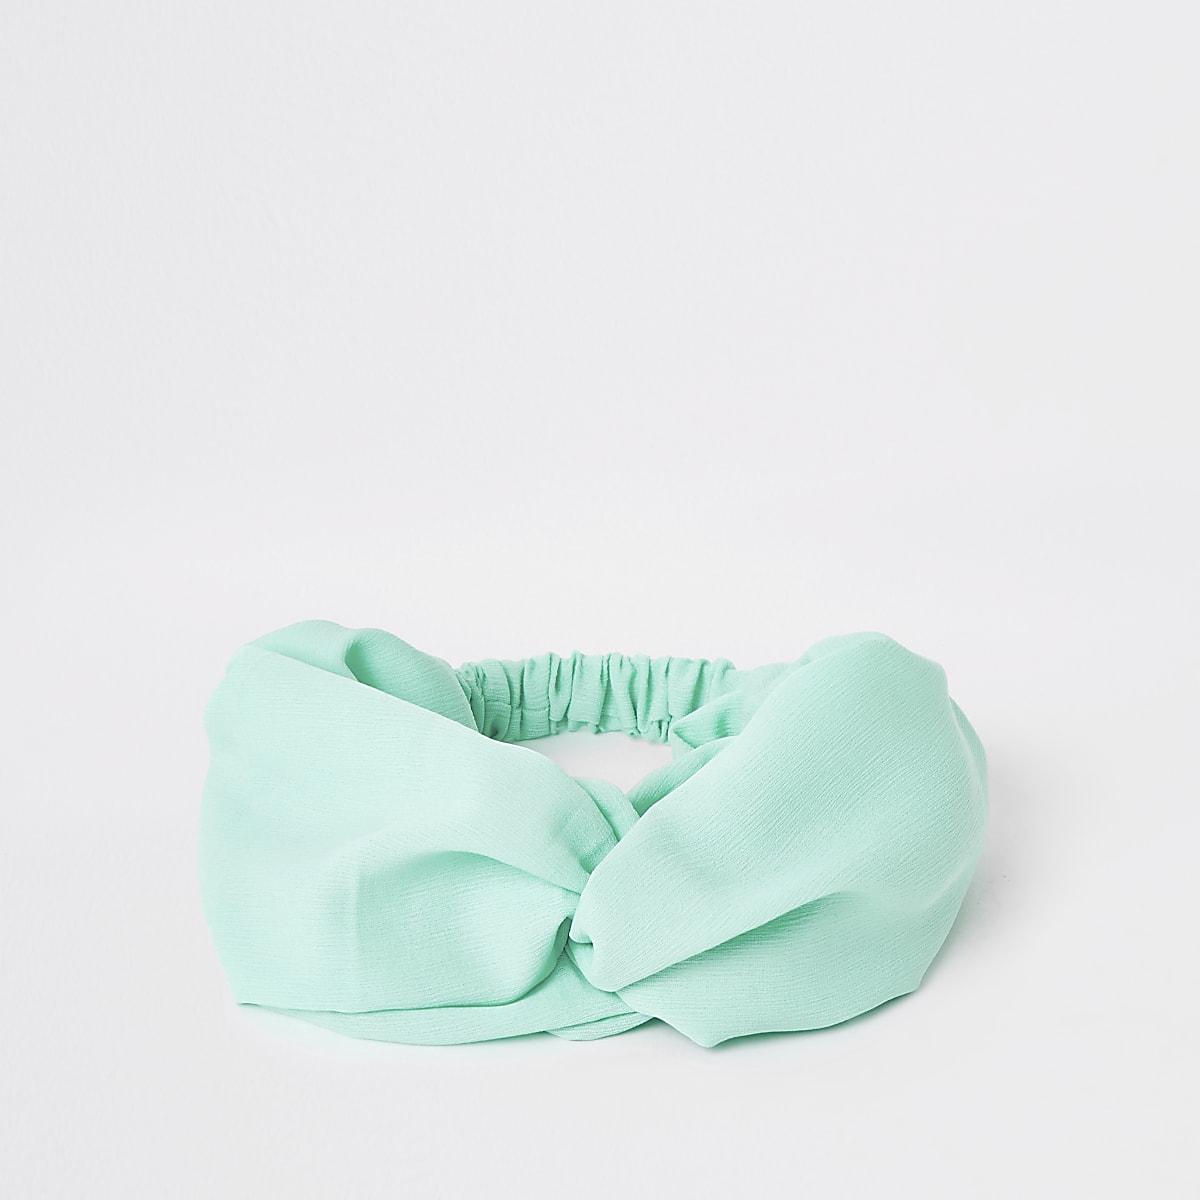 Blauwe brede gedraaide hoofdband